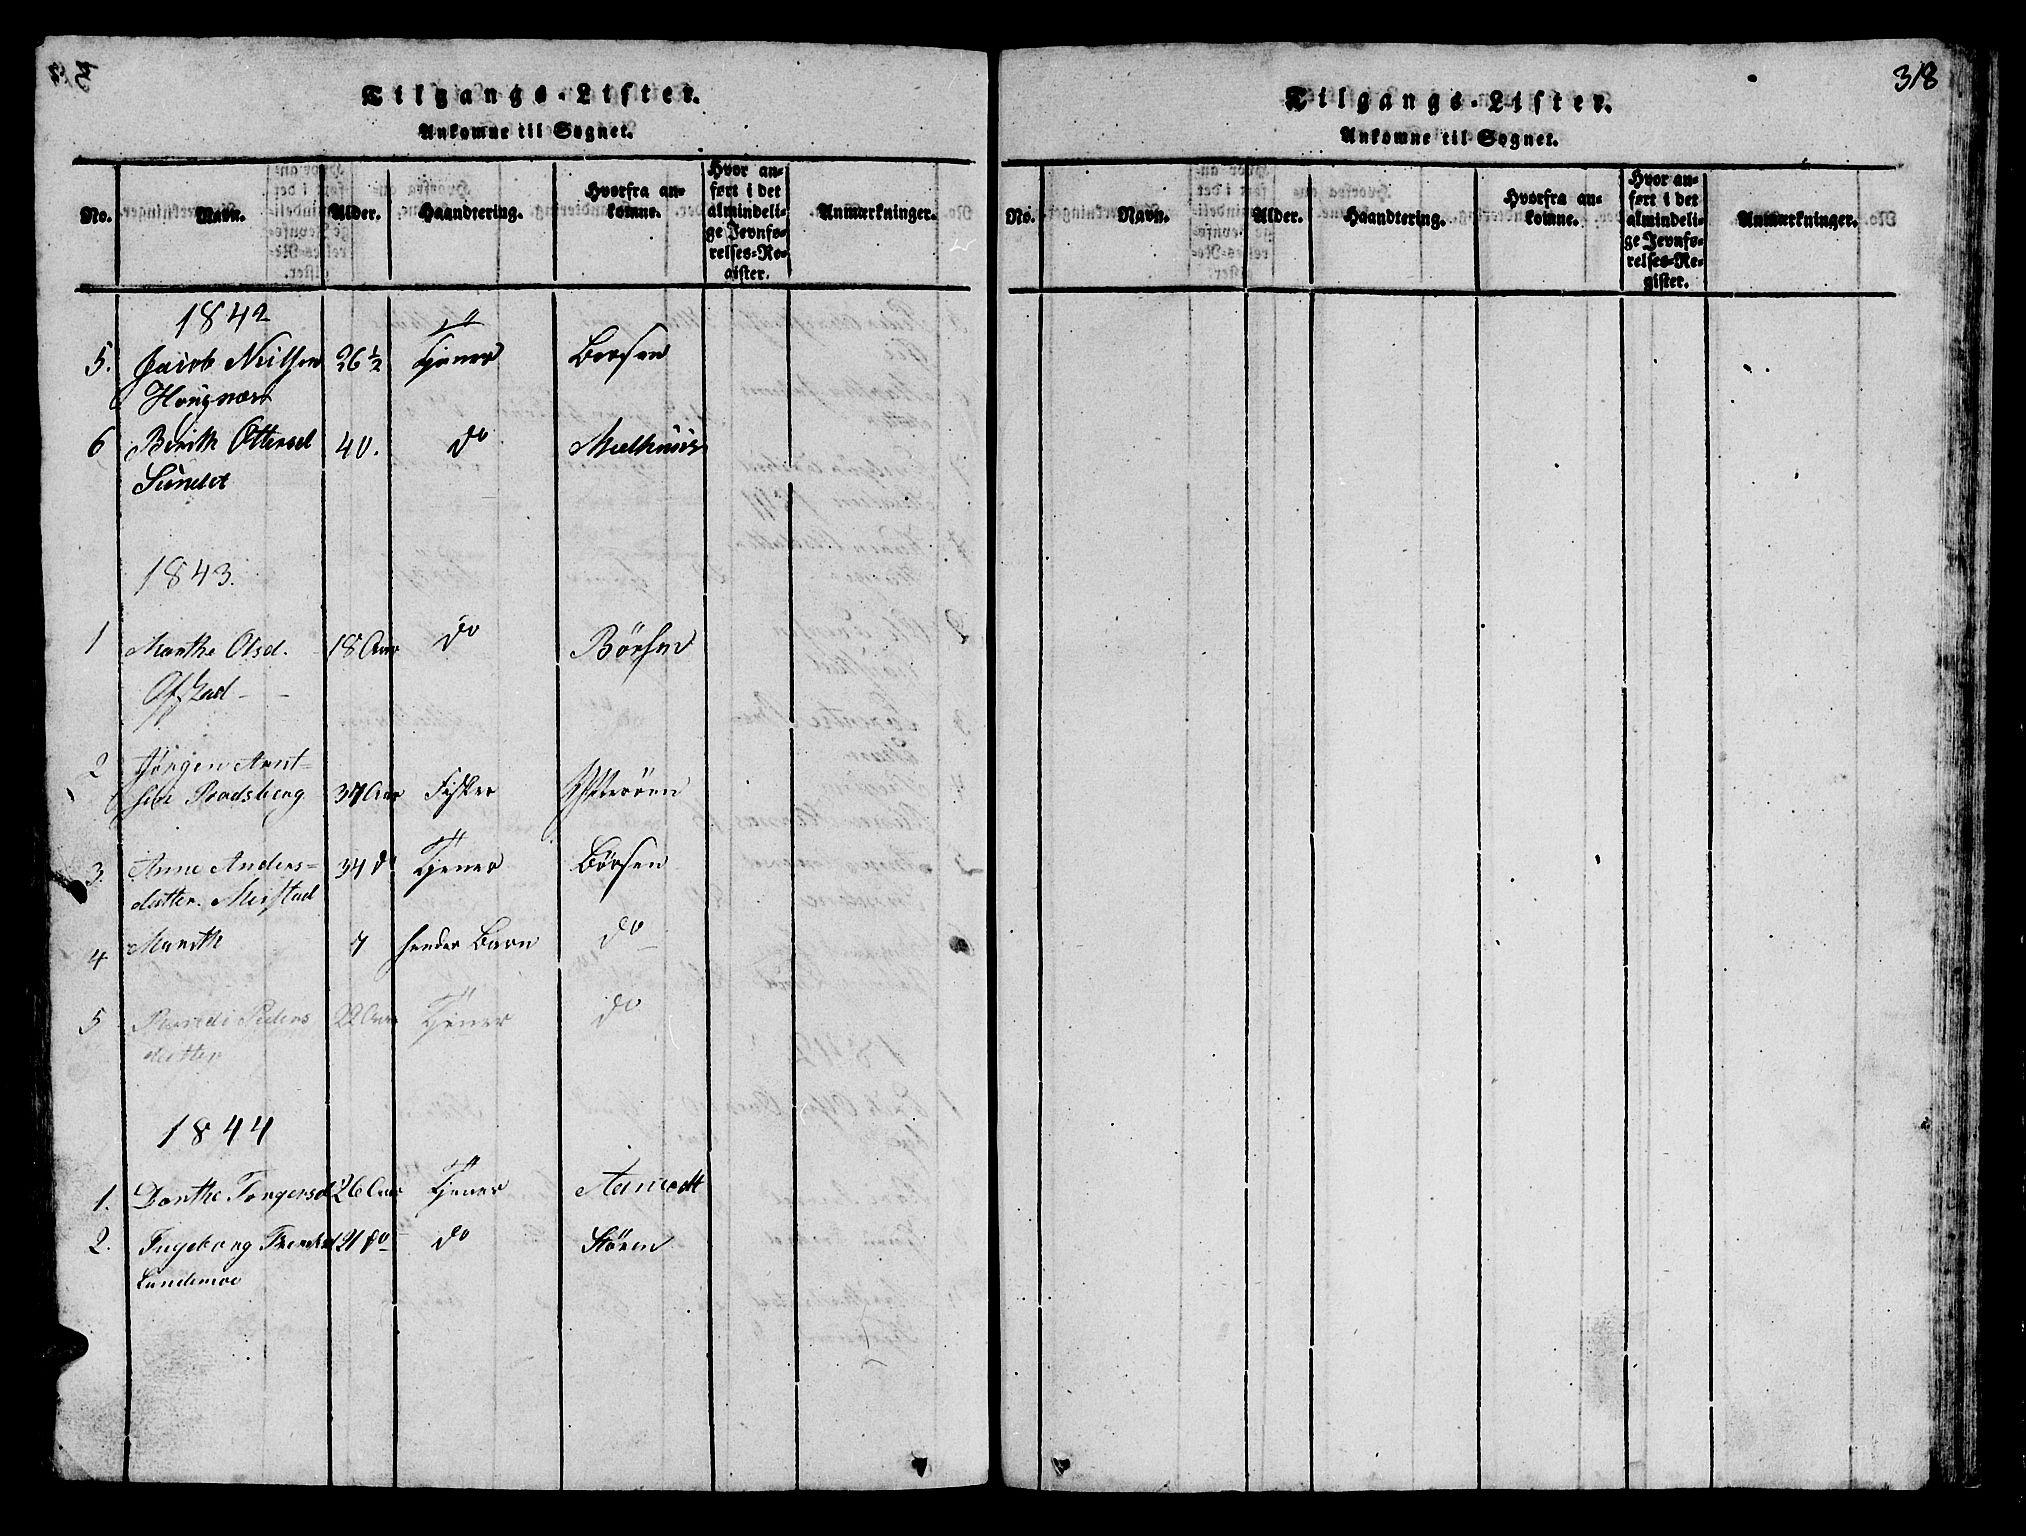 SAT, Ministerialprotokoller, klokkerbøker og fødselsregistre - Sør-Trøndelag, 612/L0385: Klokkerbok nr. 612C01, 1816-1845, s. 318